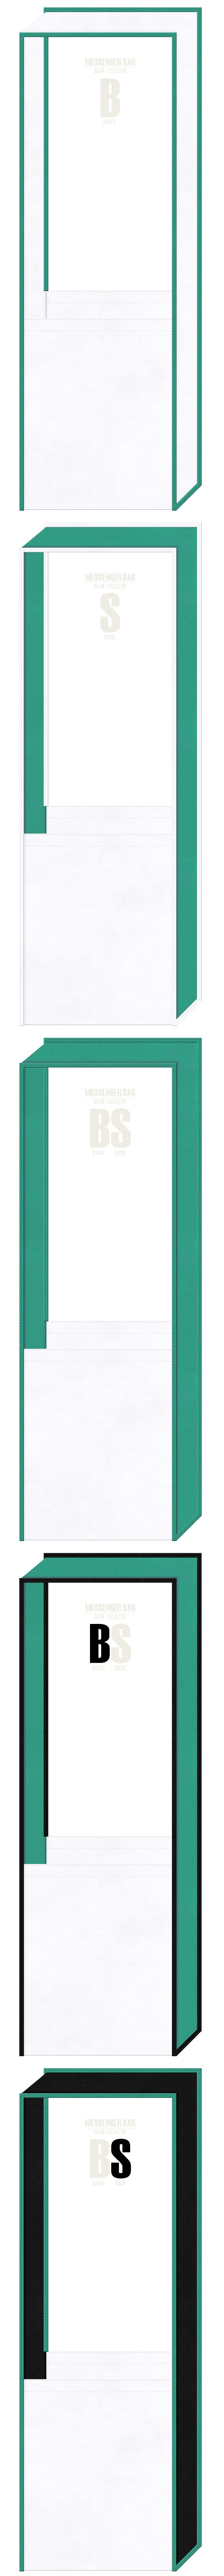 スポーツイベントにお奨め:白色・青緑色・黒色の3色を使用した、不織布メッセンジャーバッグのデザイン